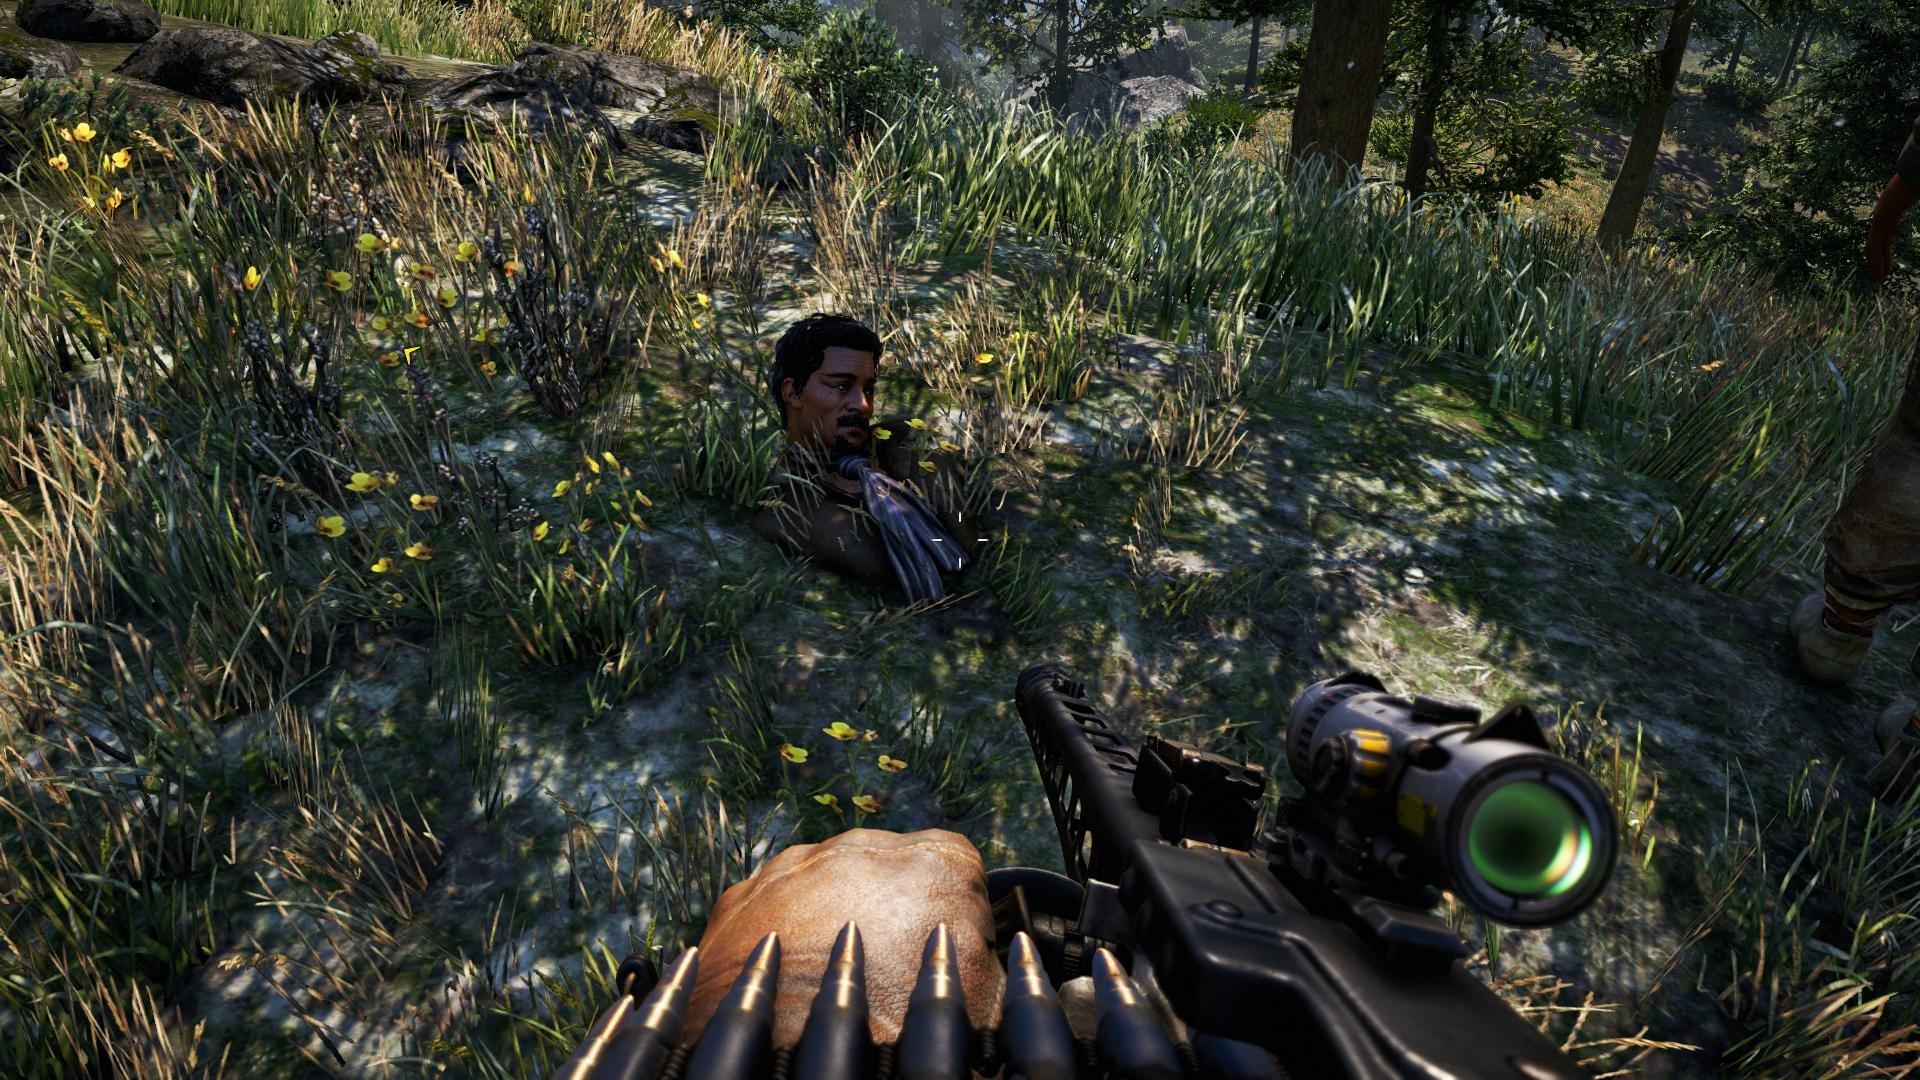 Far  Cry 4 - Page 2 25efc5ba-9278-470a-9cb1-80a500858c01